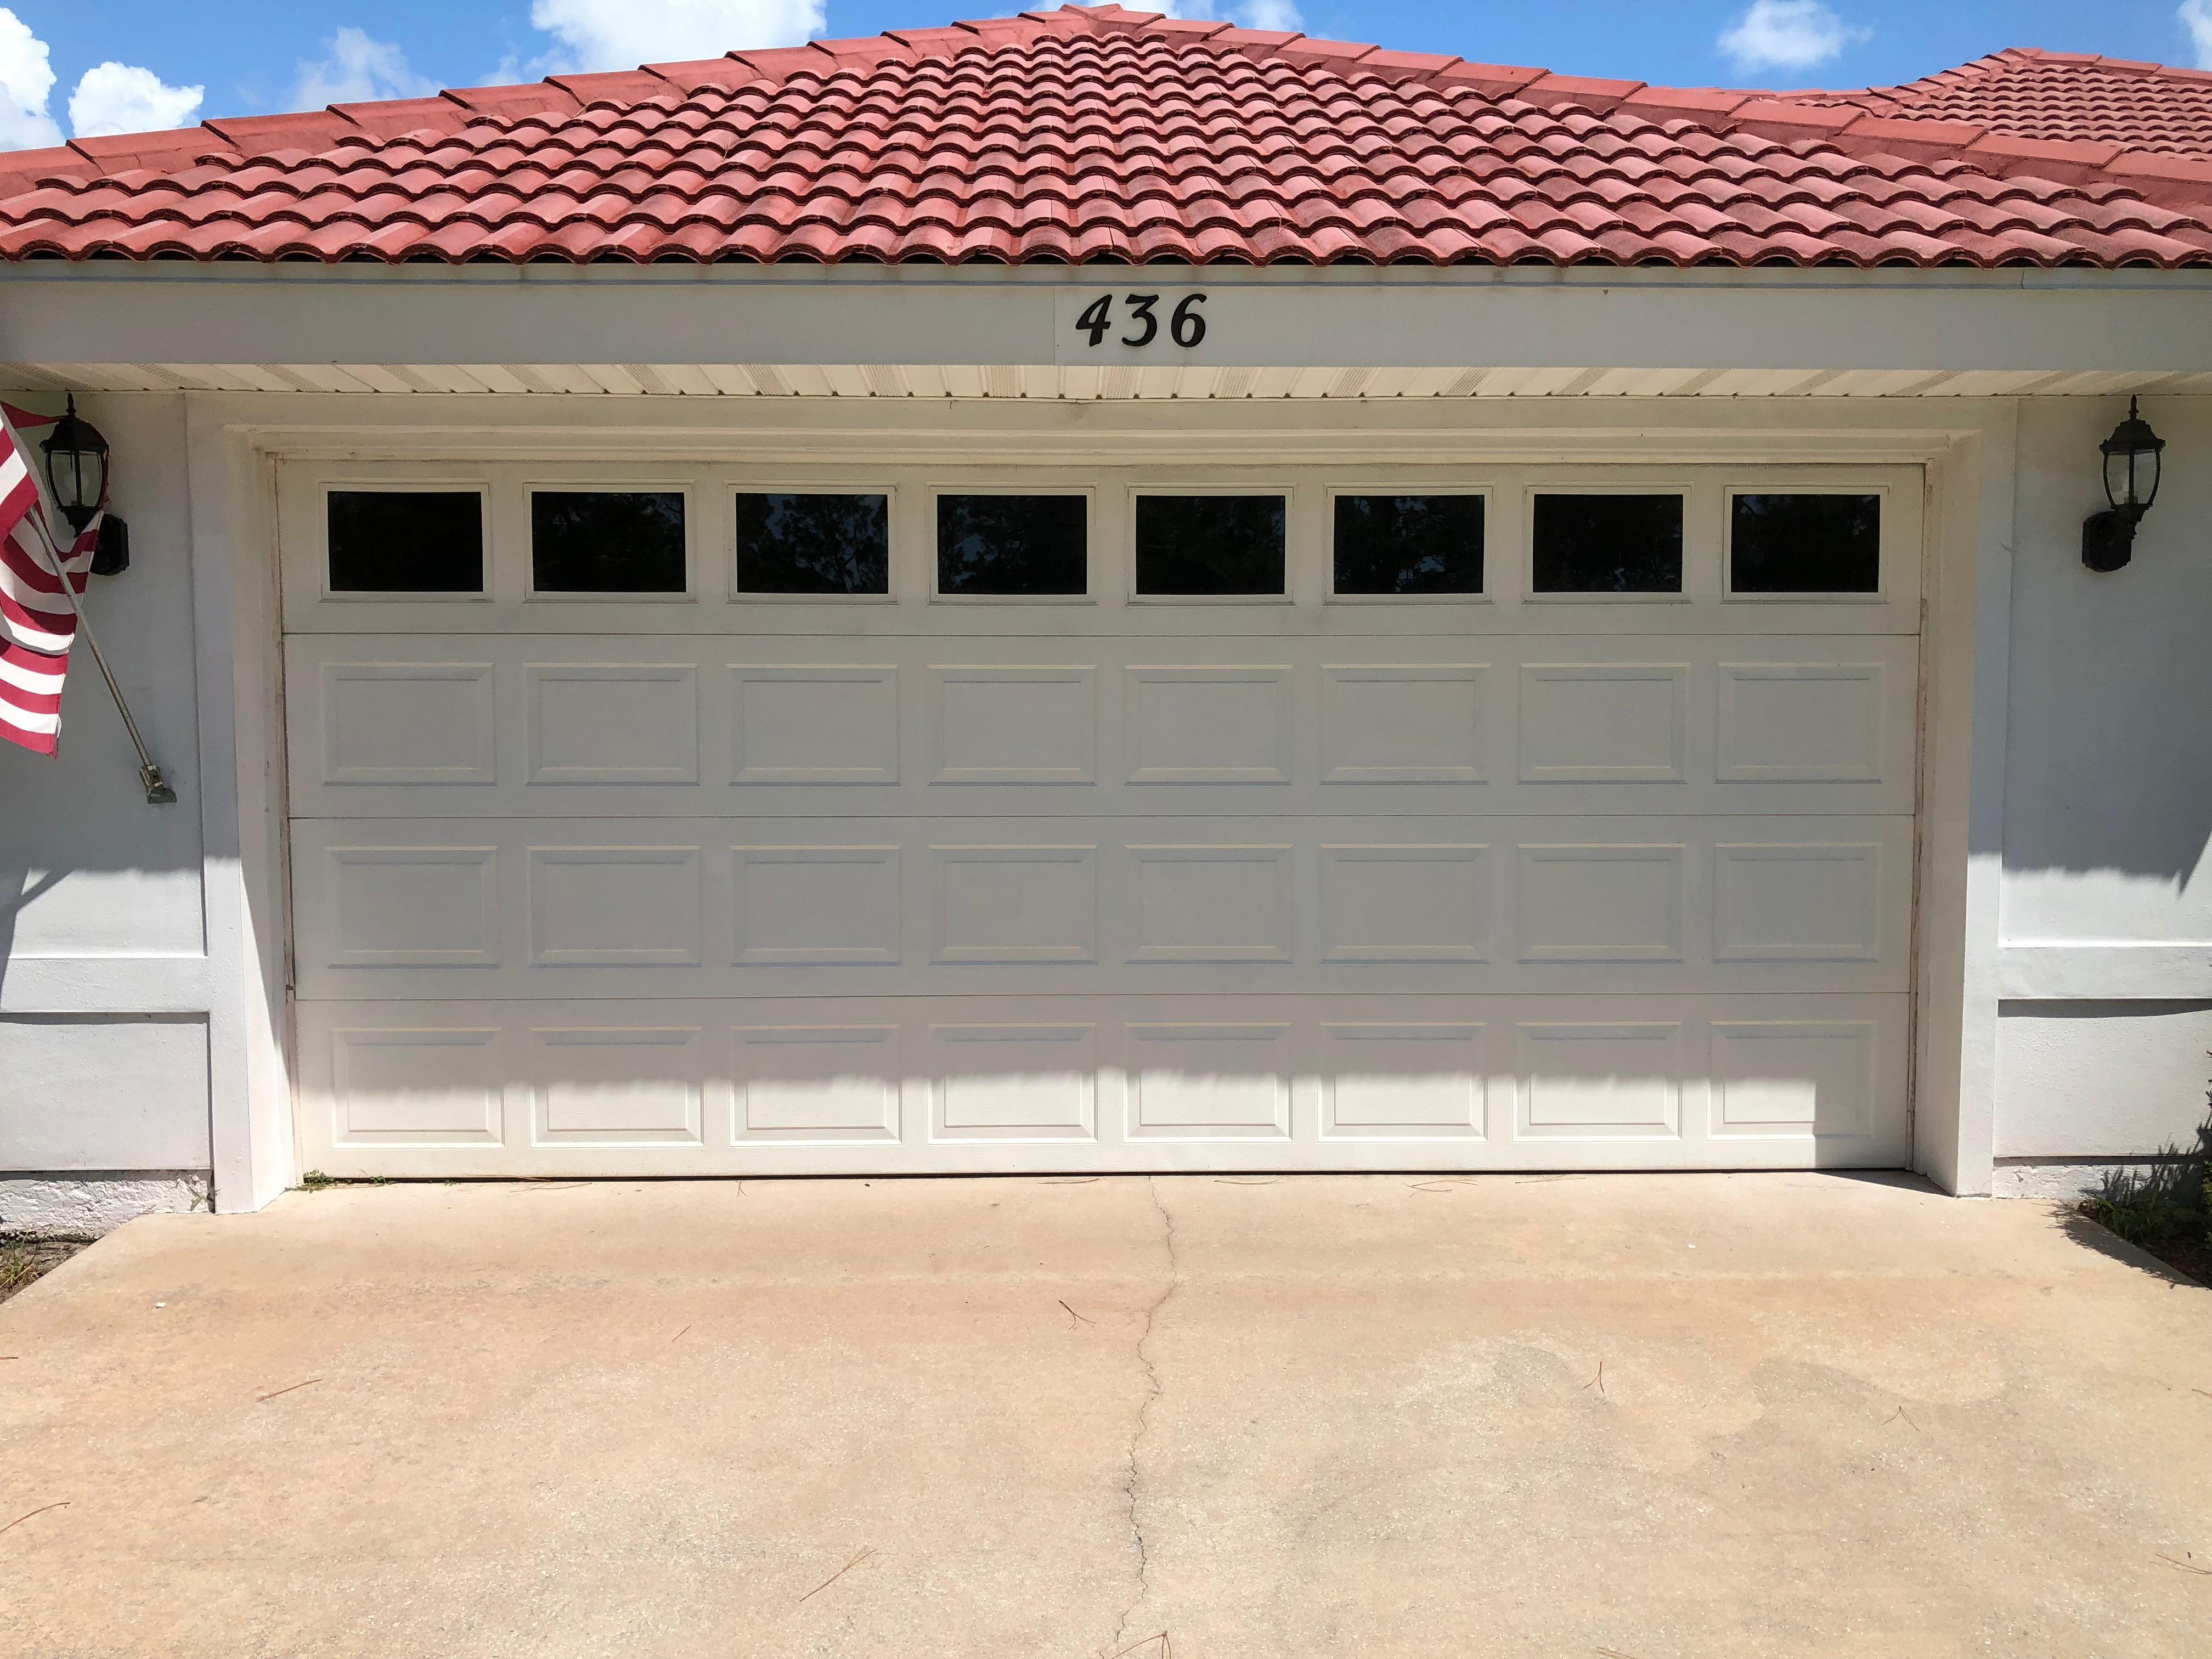 Amana Garage Doors image 5